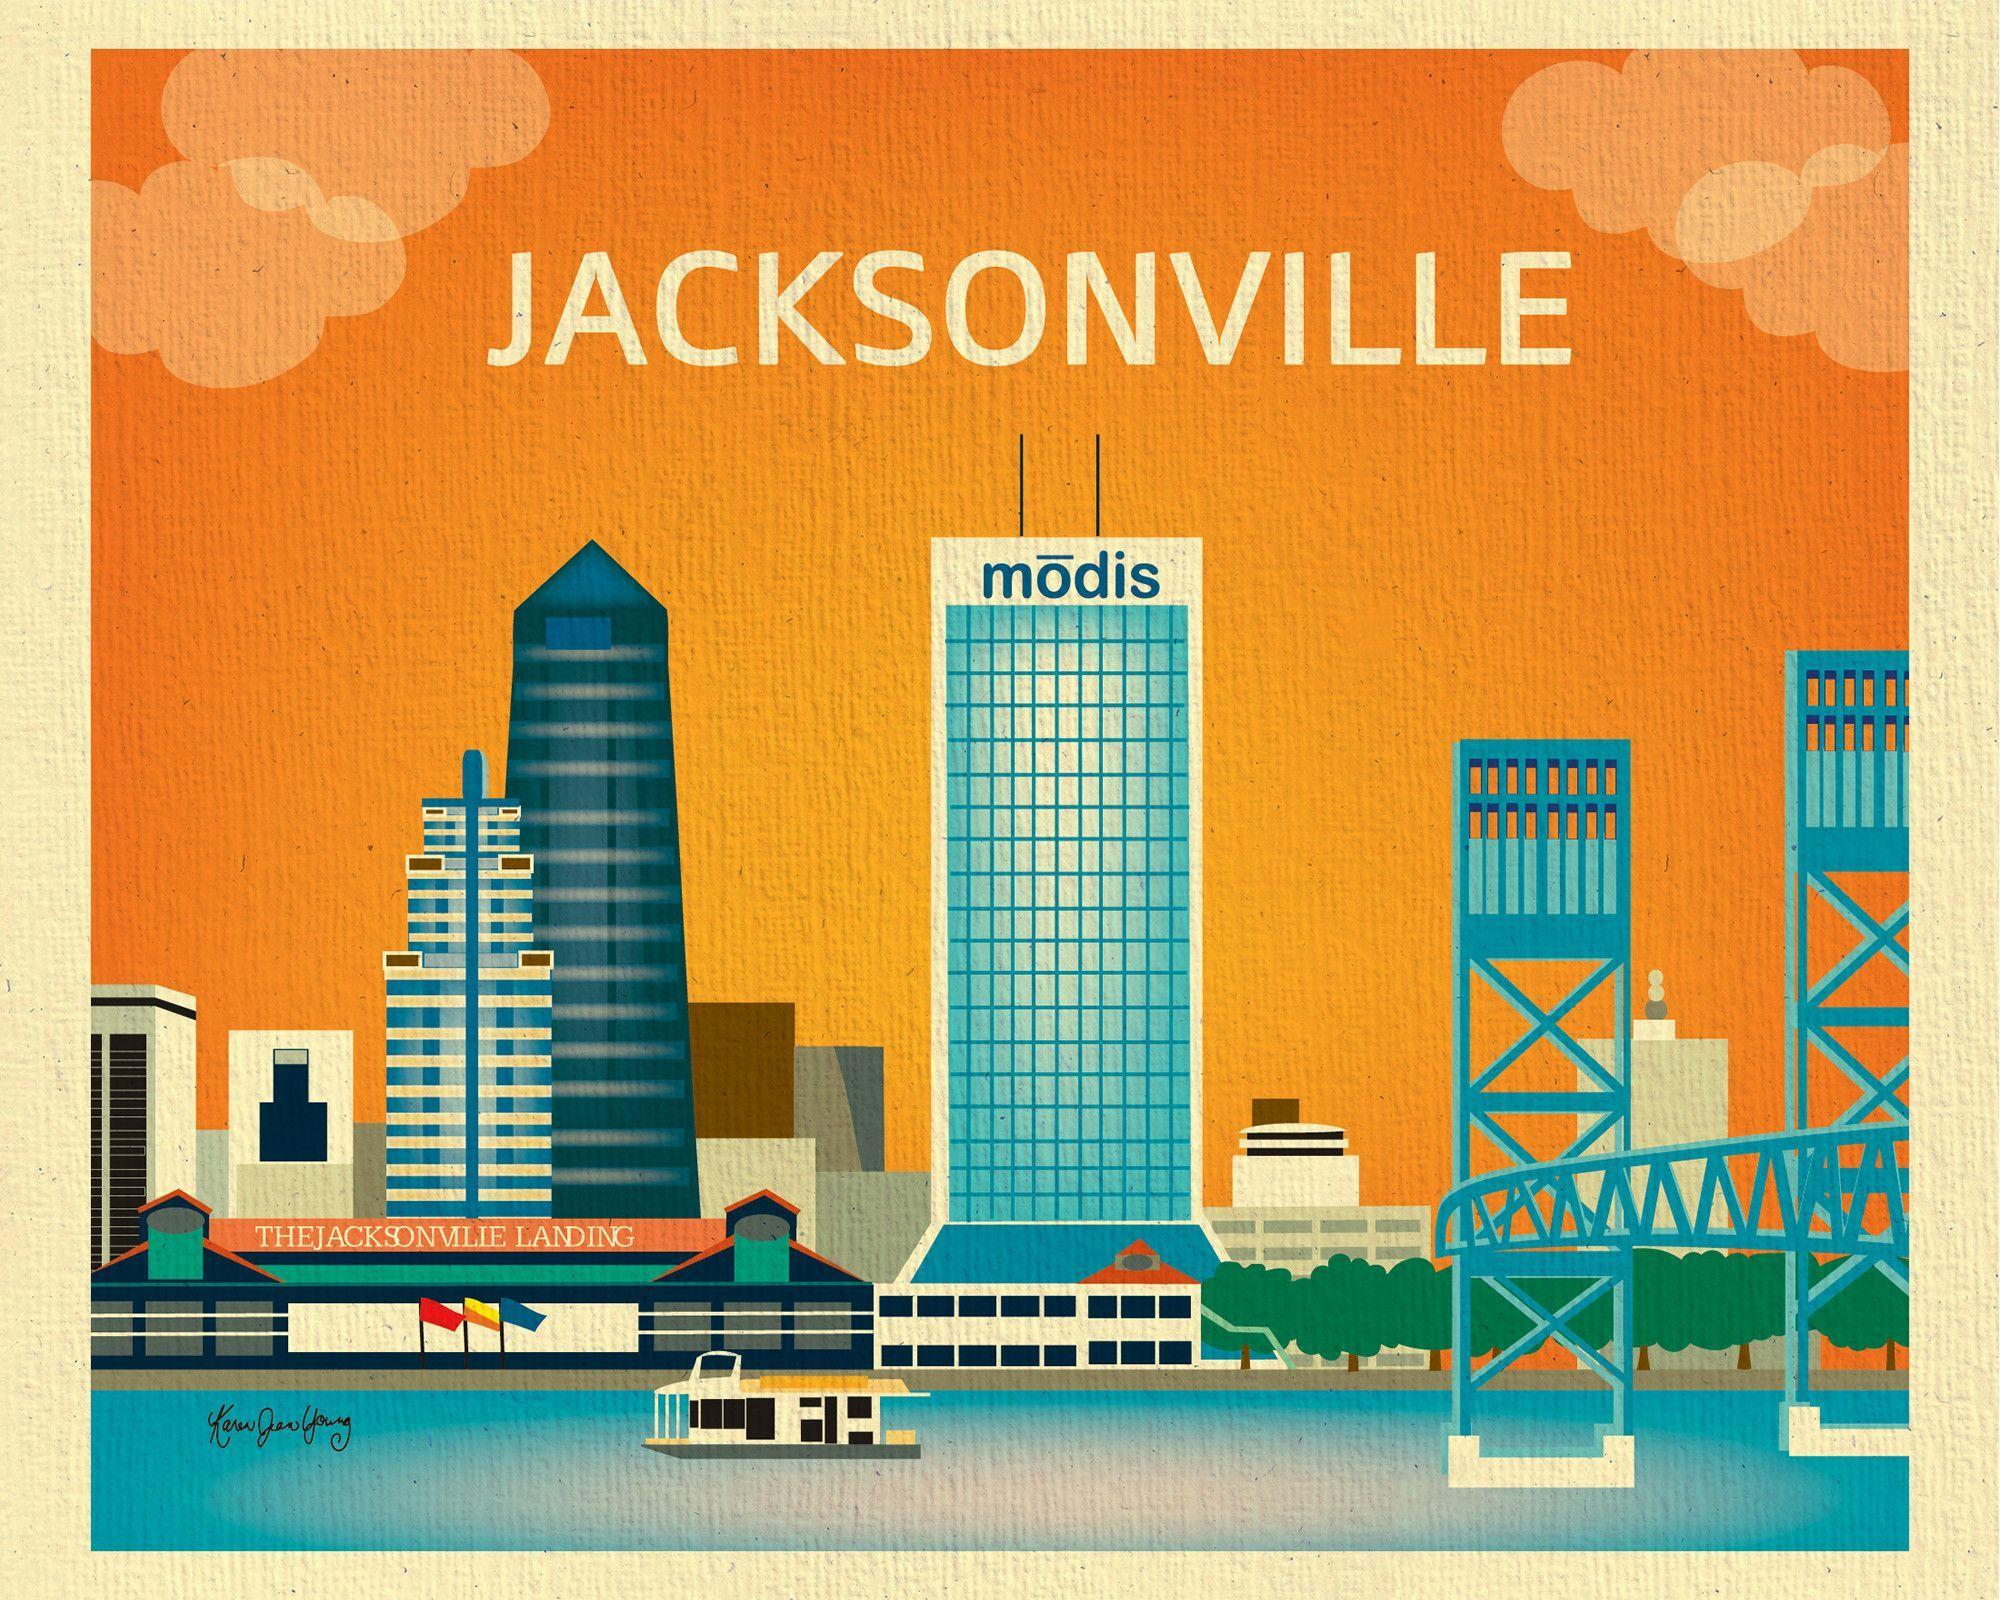 Jacksonville Florida Jacksonville Map Jacksonville Florida Florida Poster